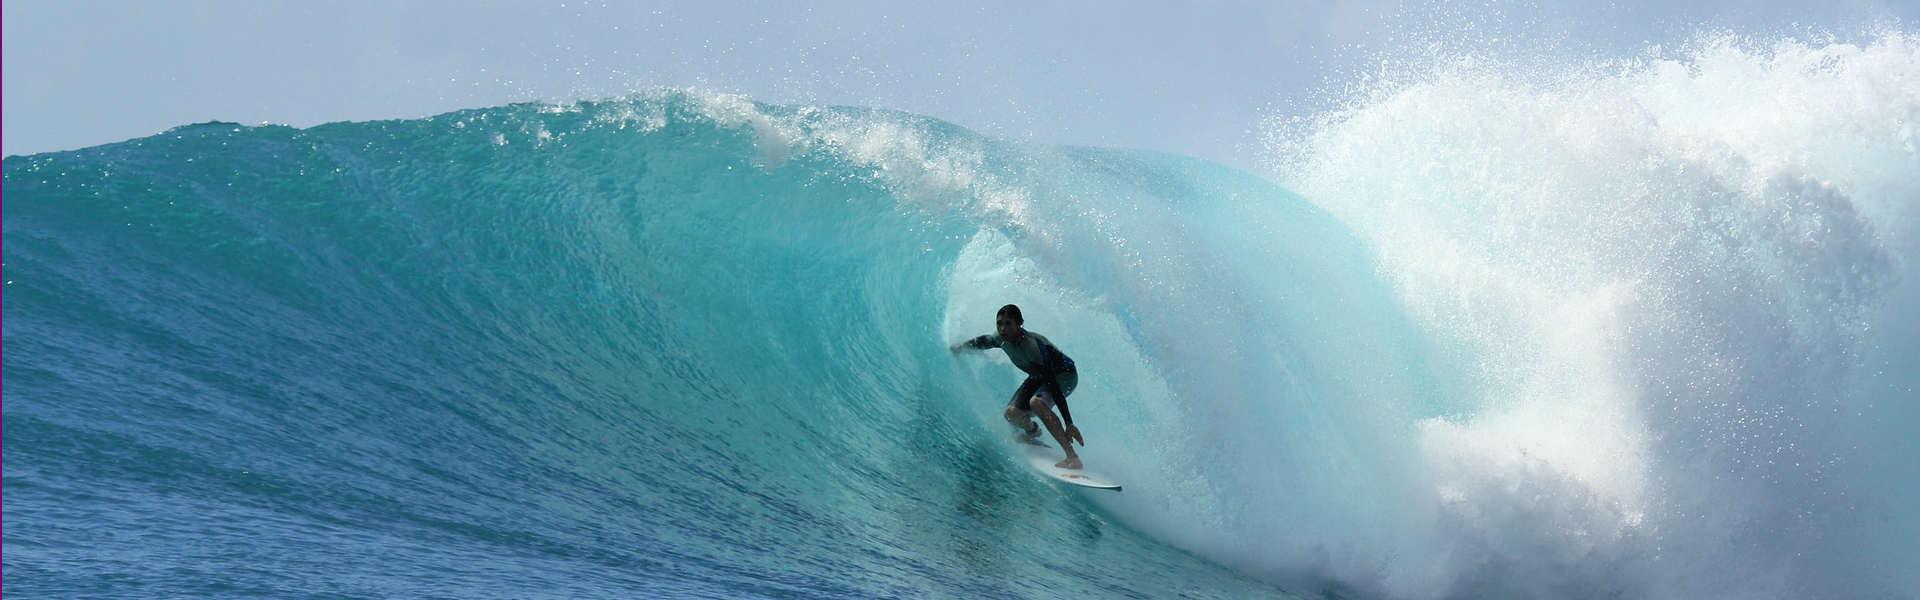 szybki-jezyk-angielski-elk-opanuj-w-6-miesiecy-surfer